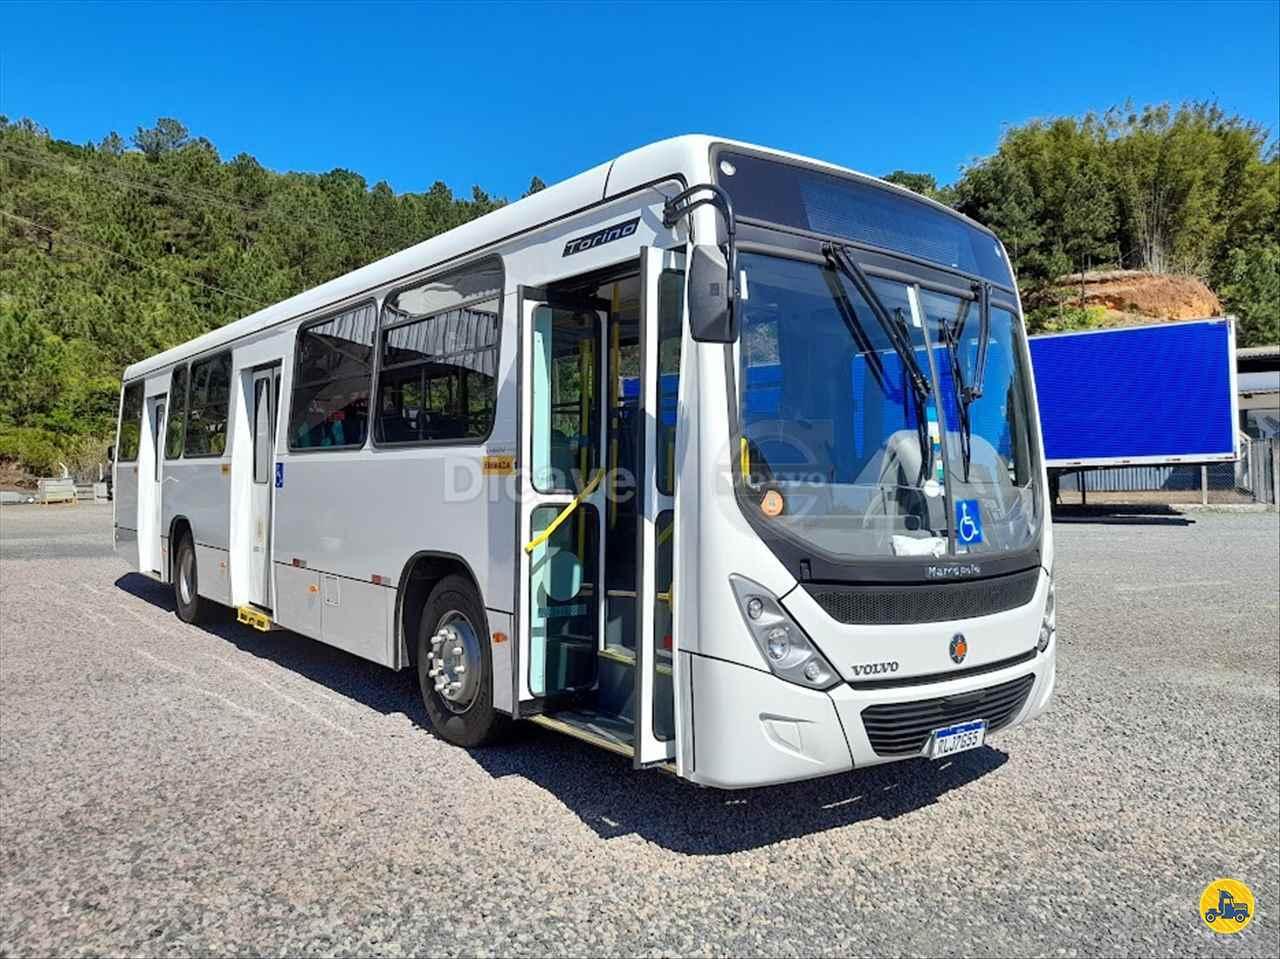 Torino de Dicave Viking Center - Volvo - ITAJAI/SC